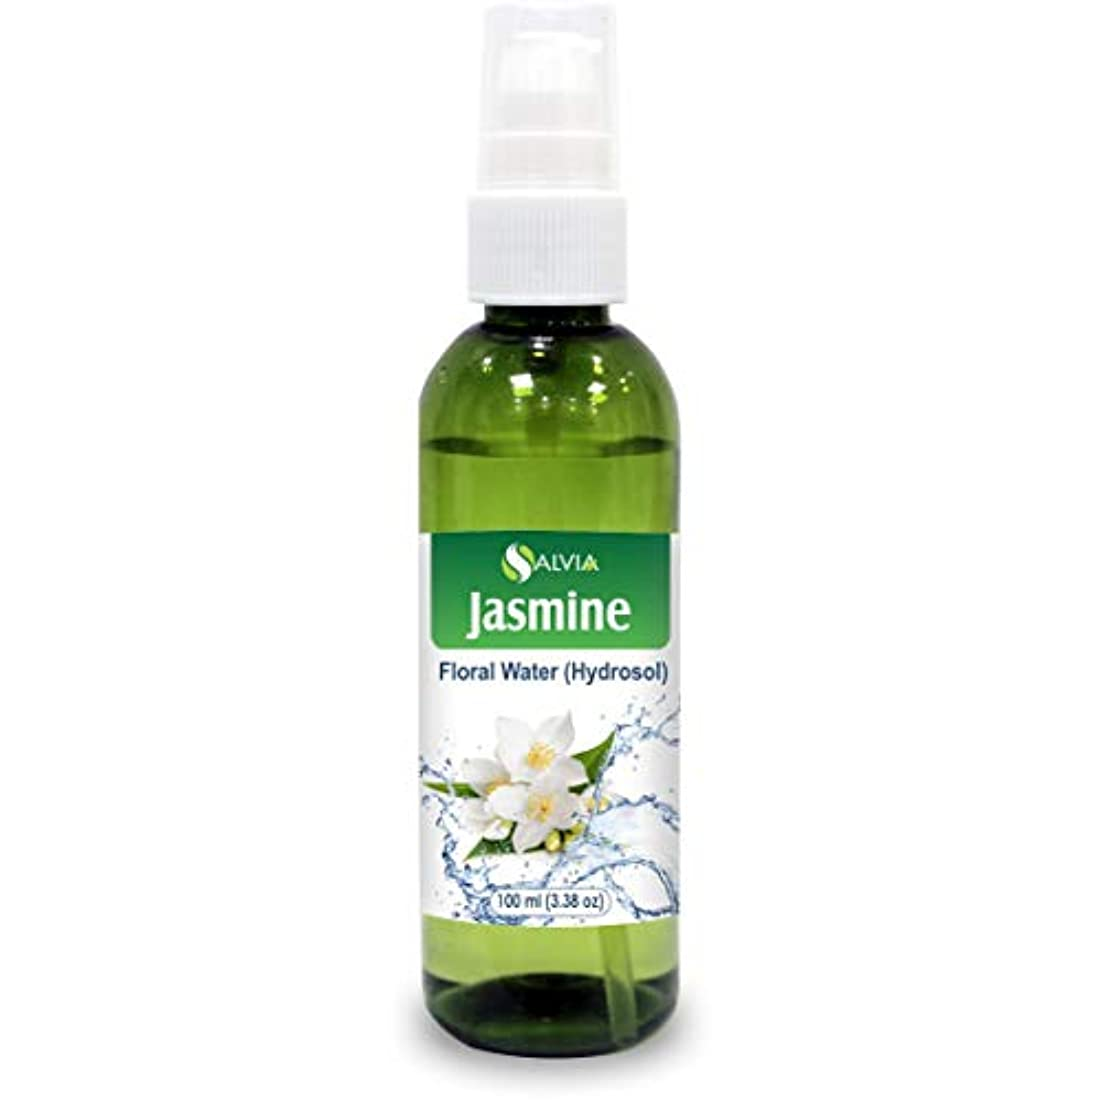 下無力ドレスJasmine Floral Water 100ml (Hydrosol) 100% Pure And Natural